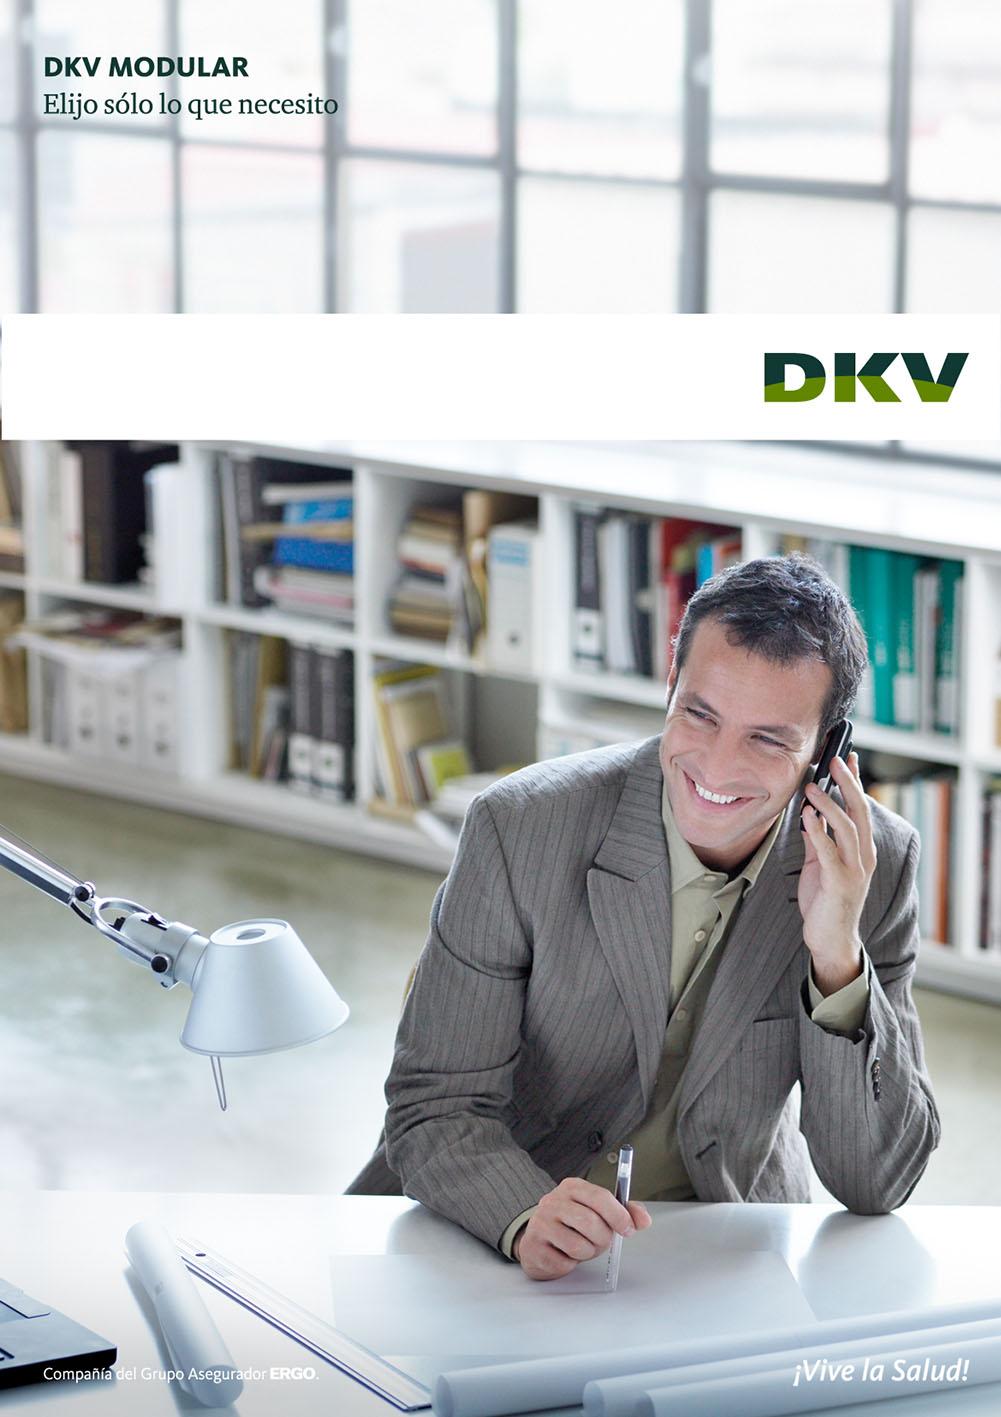 dkv2007.2.jpg